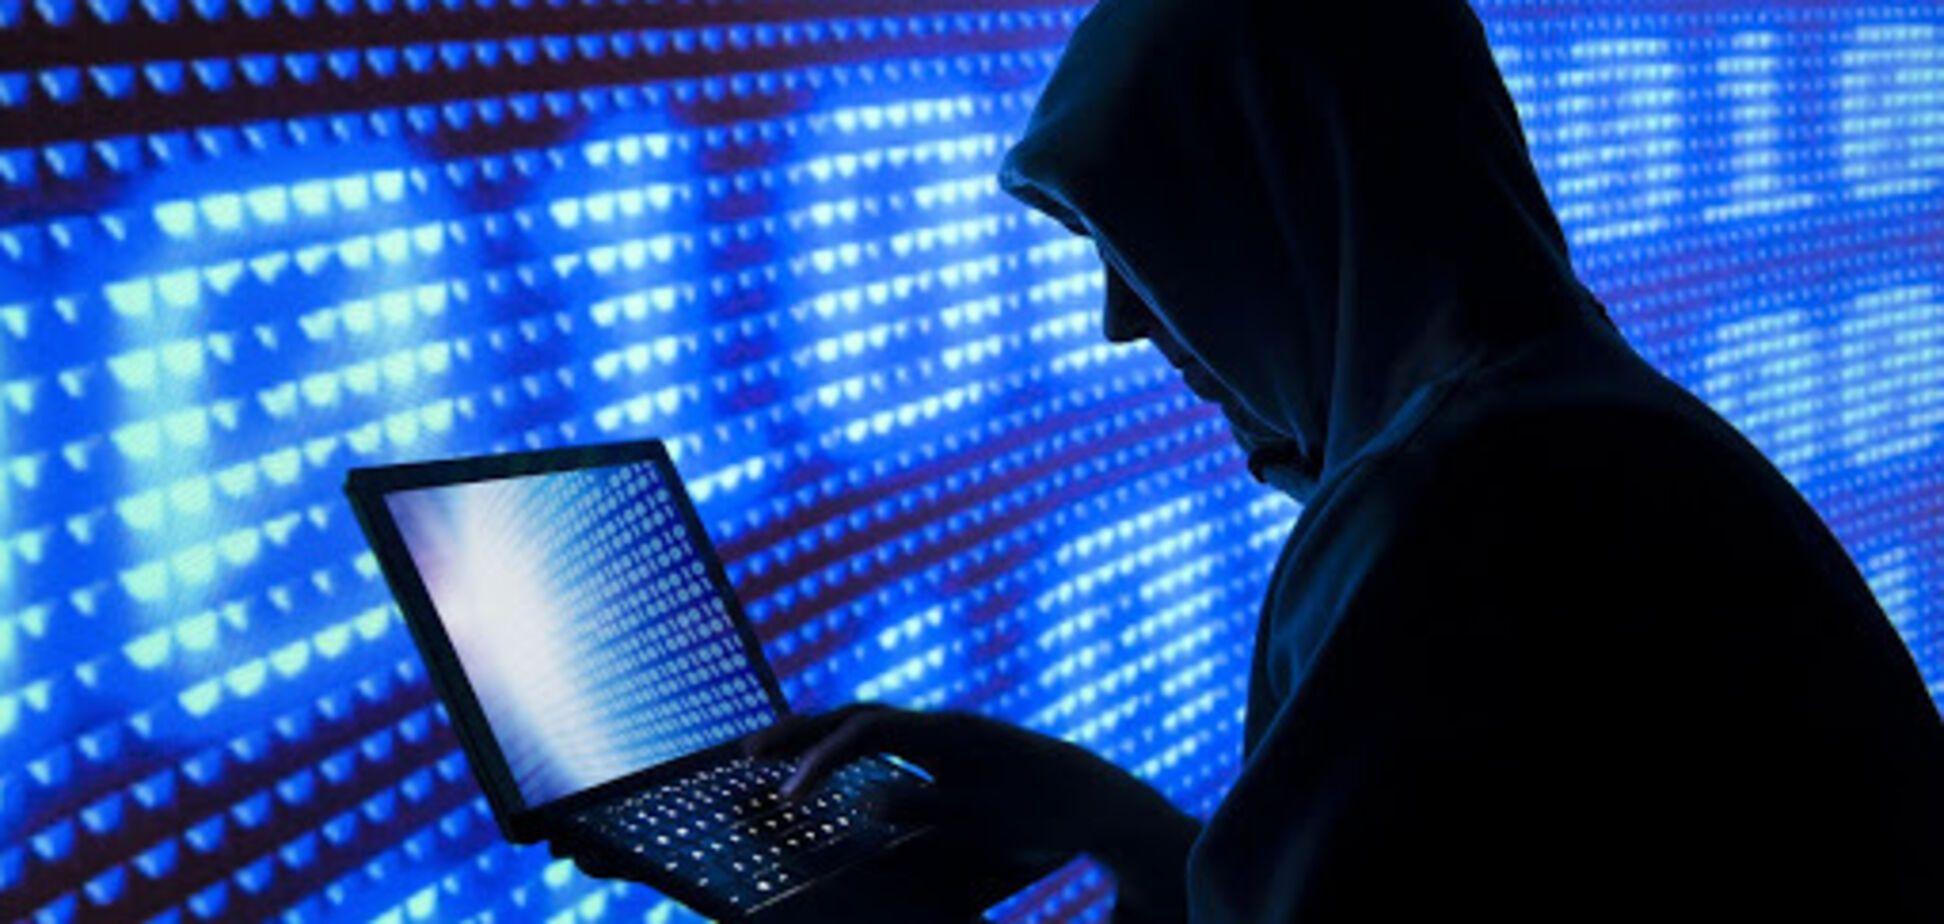 В Днепре разоблачили хакера, который продавал персональные данные людей перед выборами